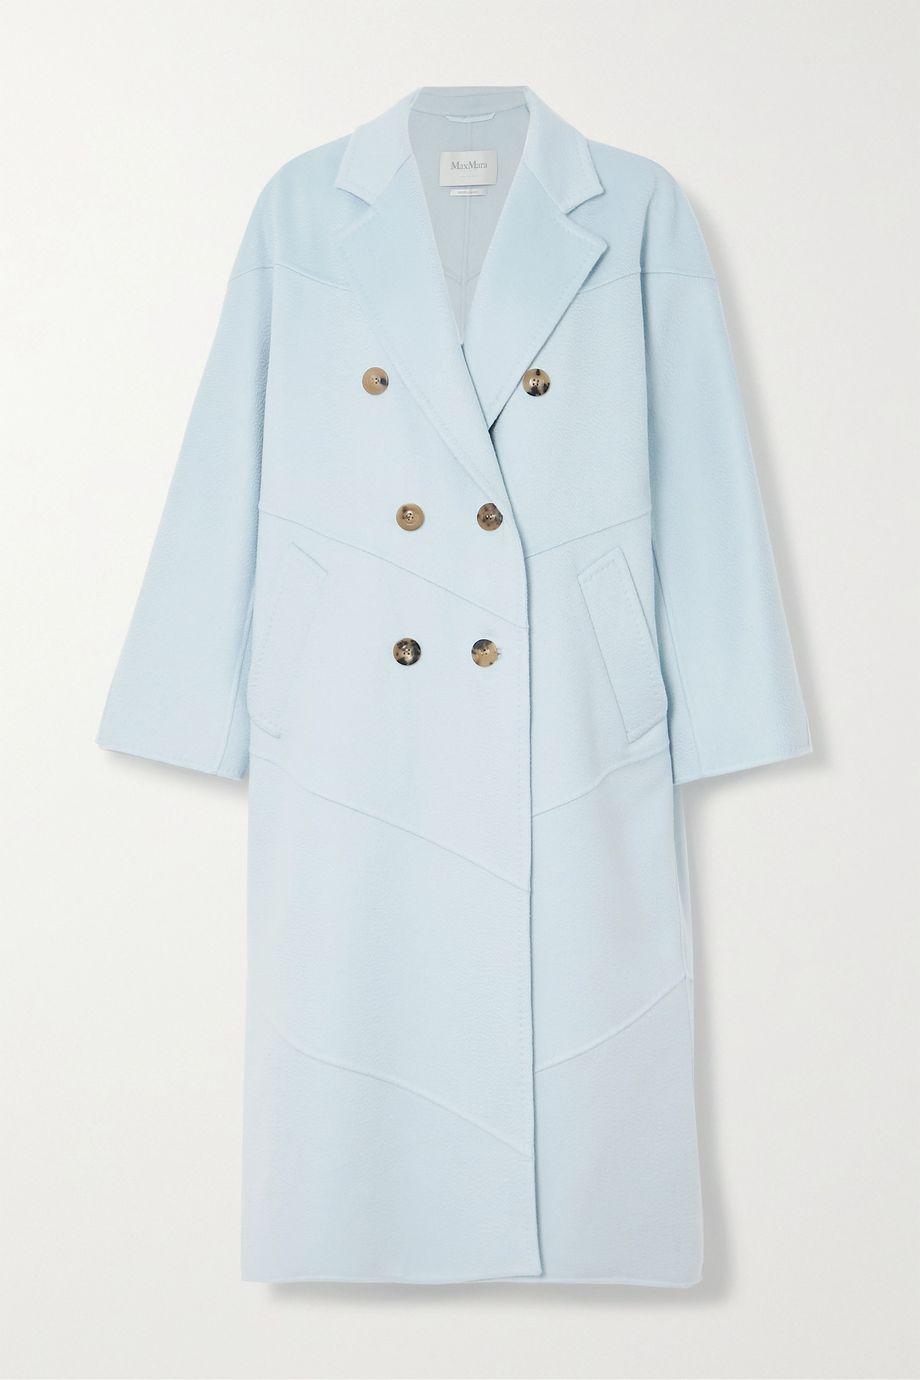 Max Mara Stagno double-breasted cashmere coat